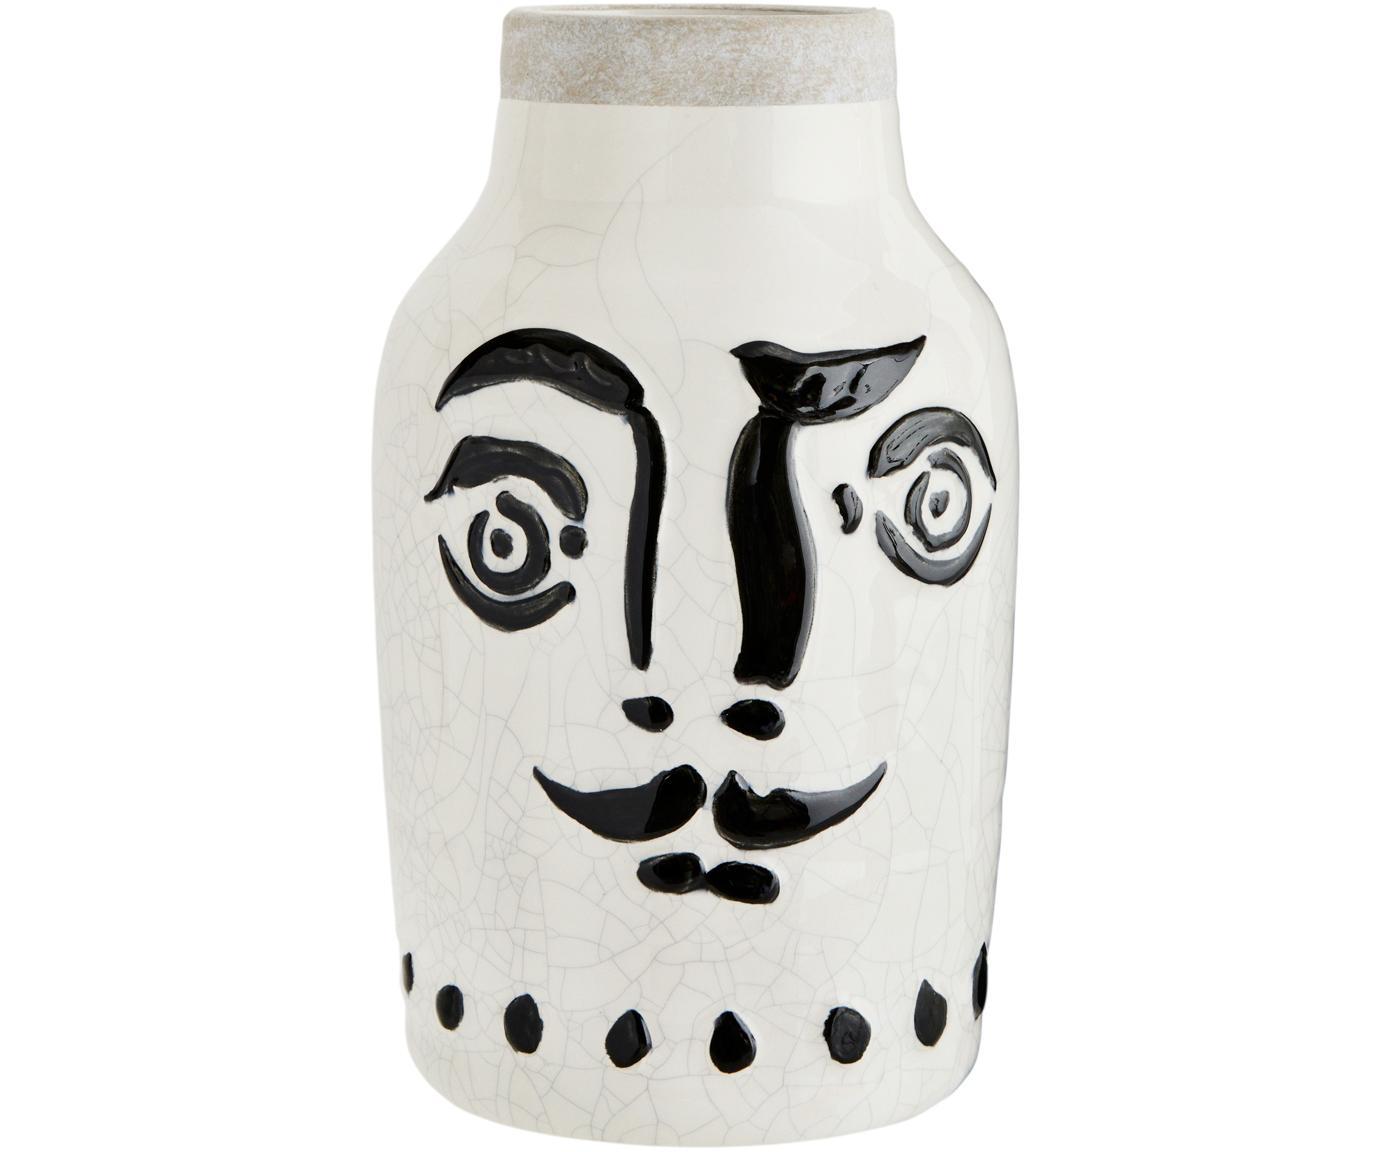 Vase Face mit Craquelé Glasur, Steingut, Weiß, Schwarz, Ø 16 x H 28 cm